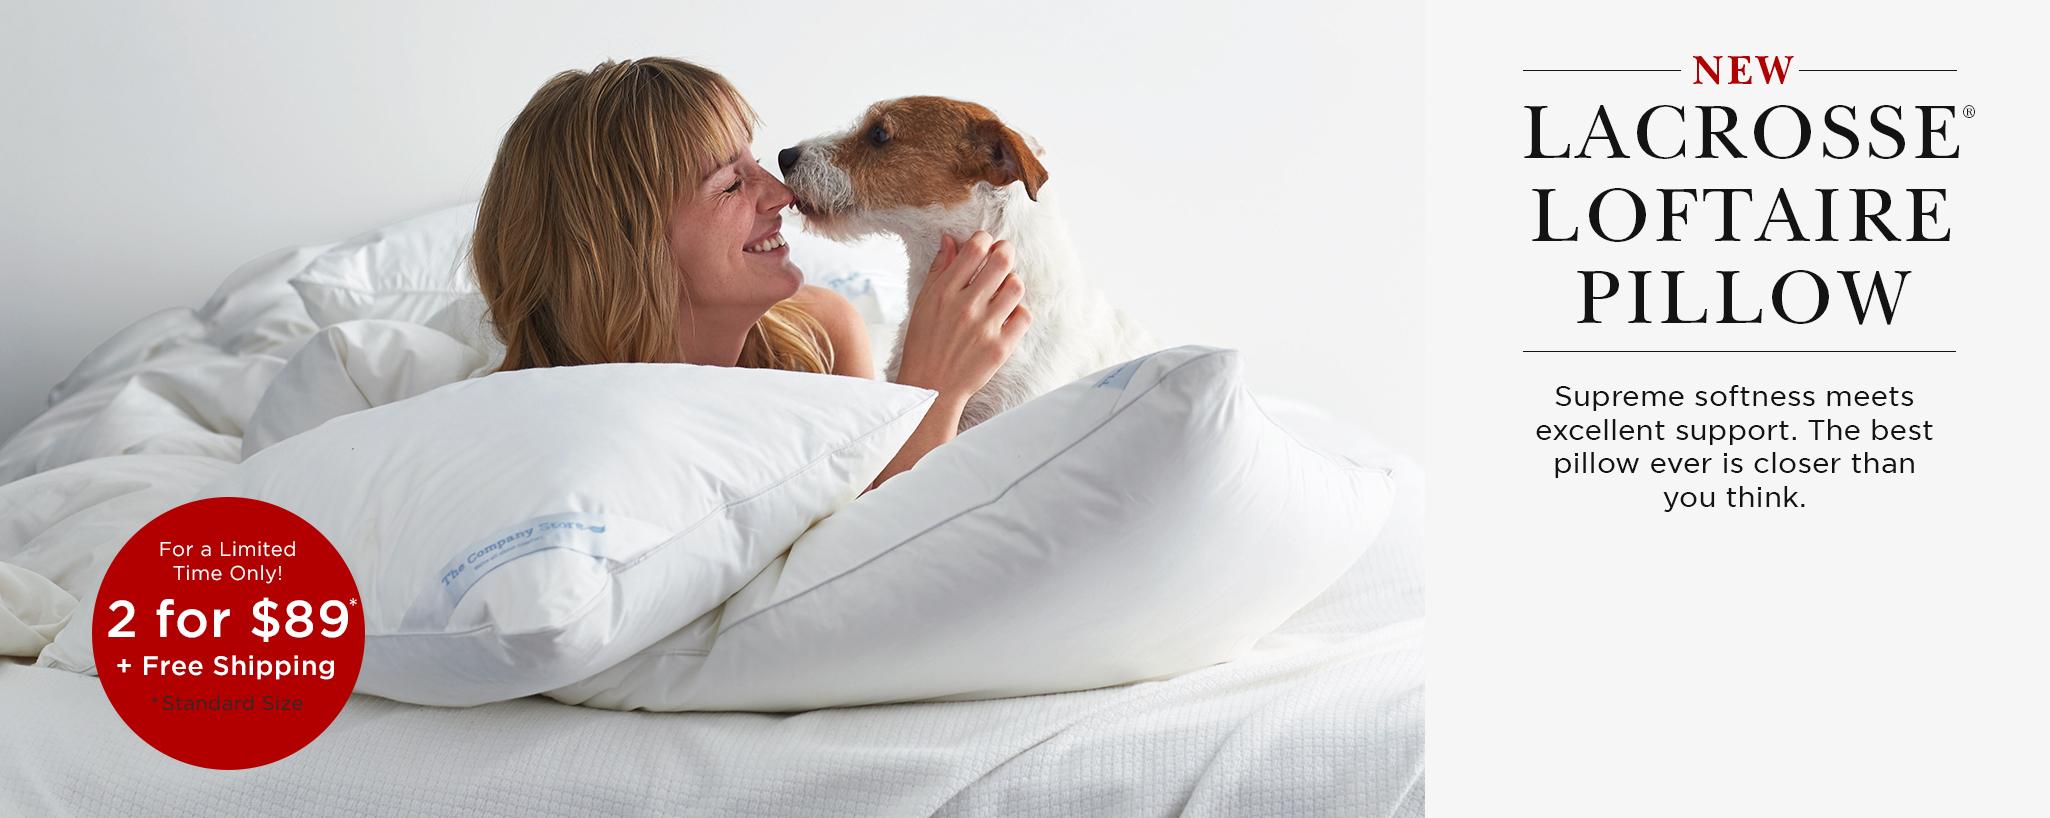 Shop LaCrosse LoftAire Pillow